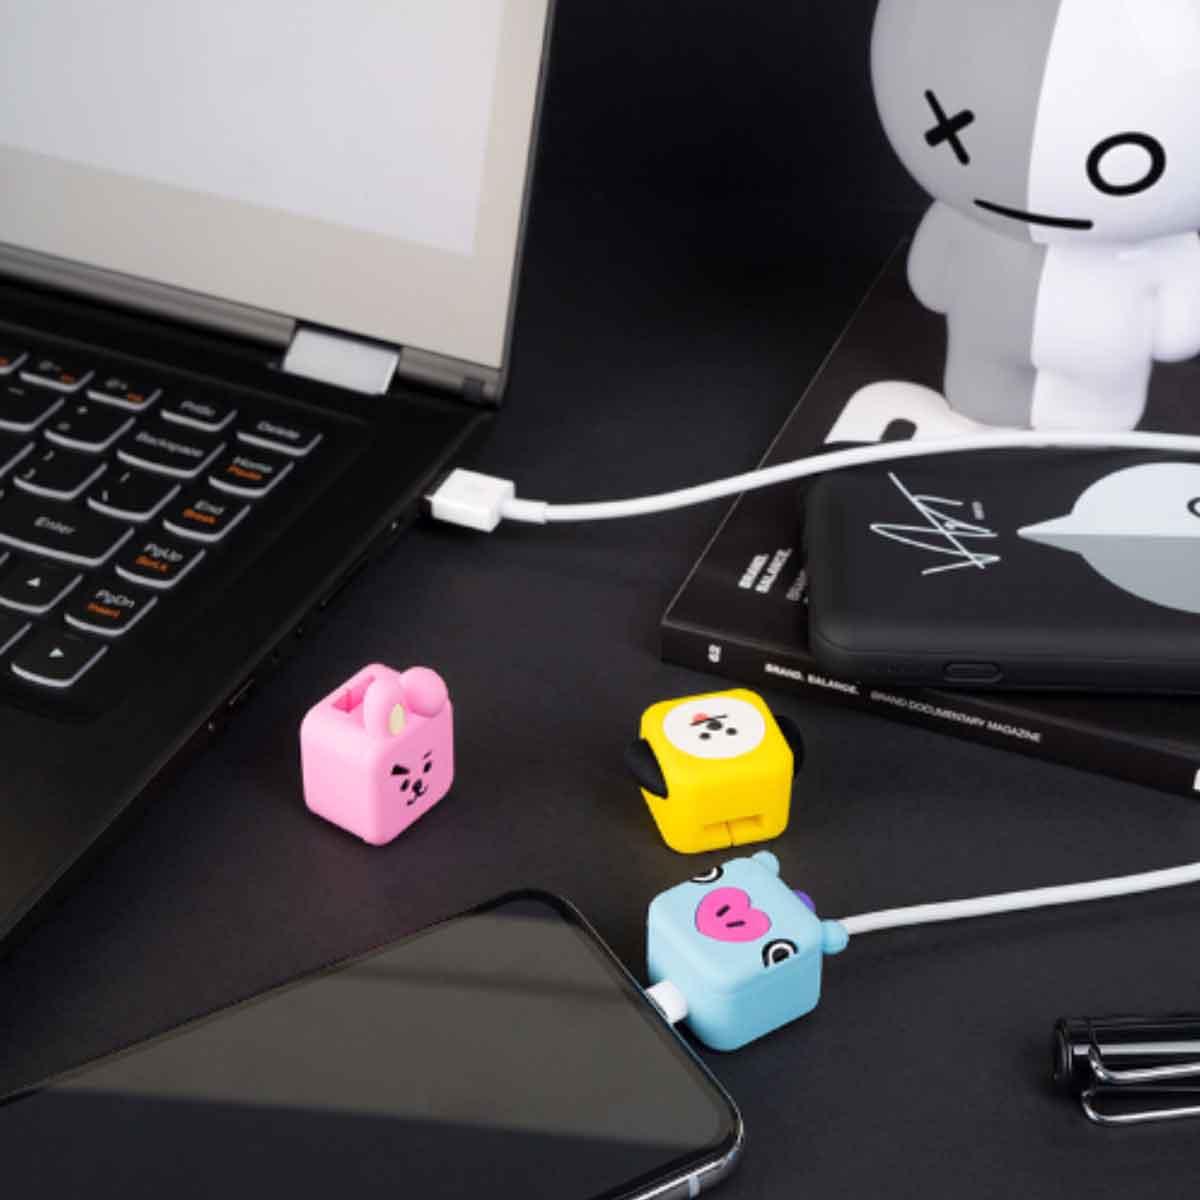 スマートフォン・携帯電話アクセサリー, ケース・カバー  BT iPhone BT21 BTS bt21 bt21